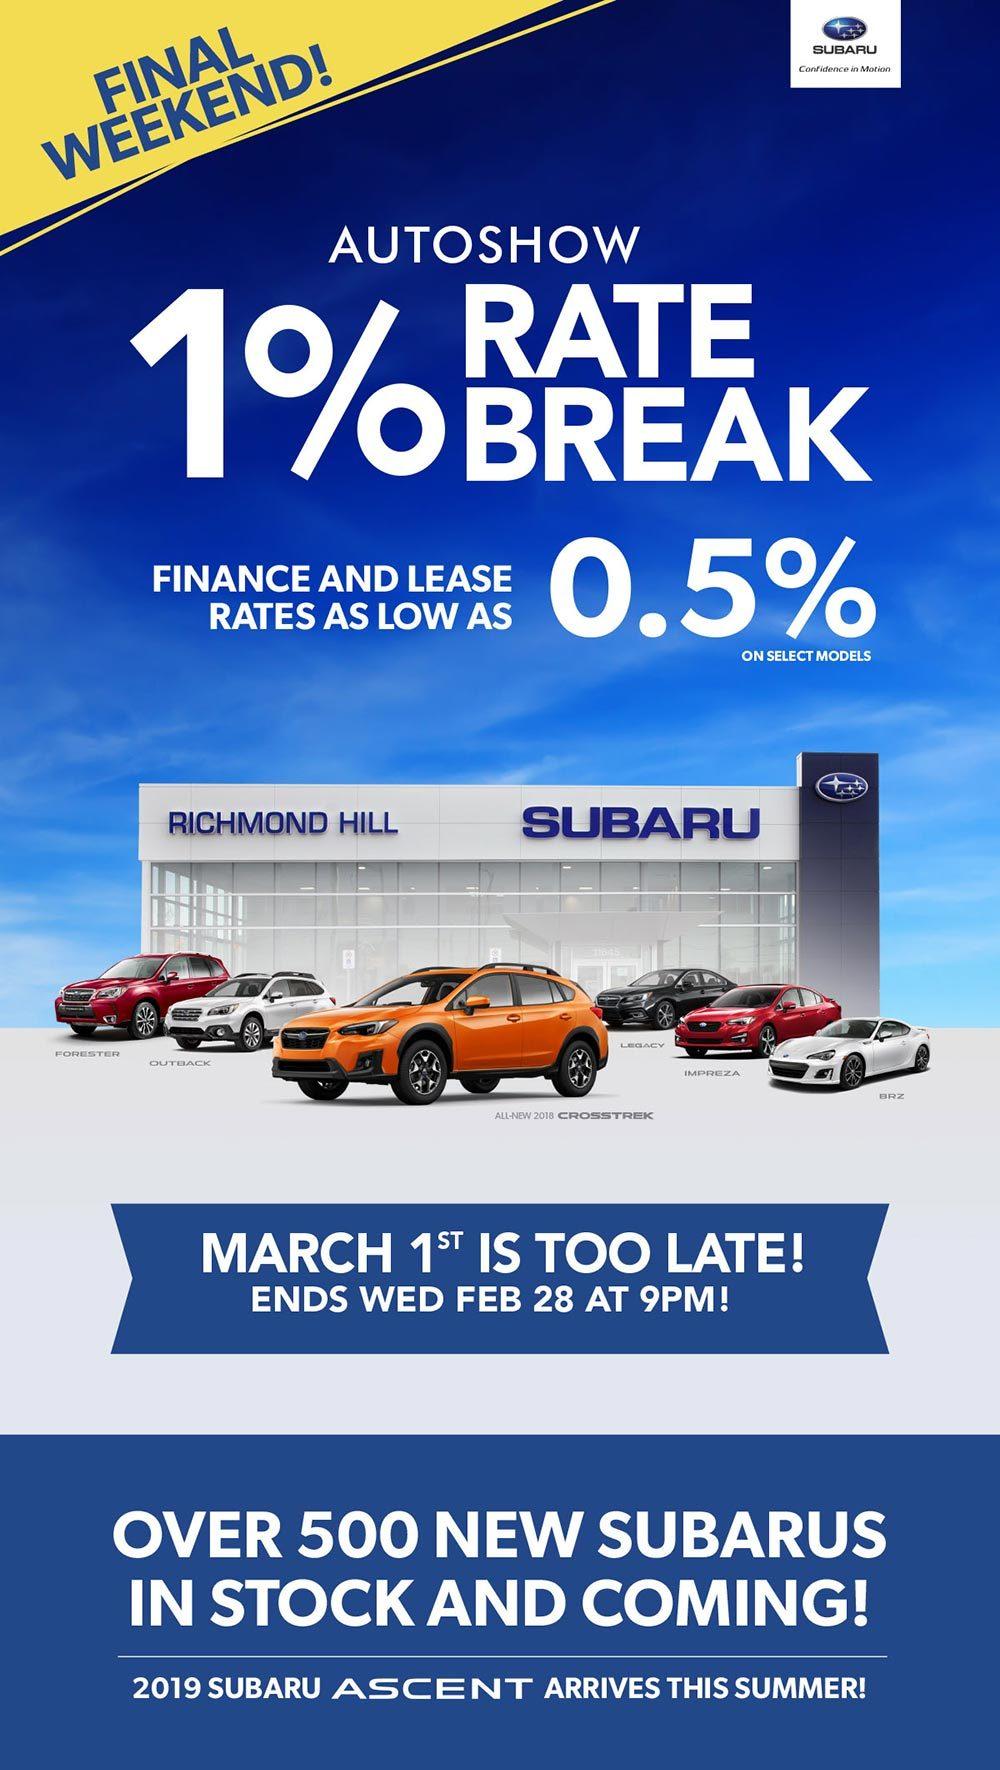 Subaru Autoshow Special